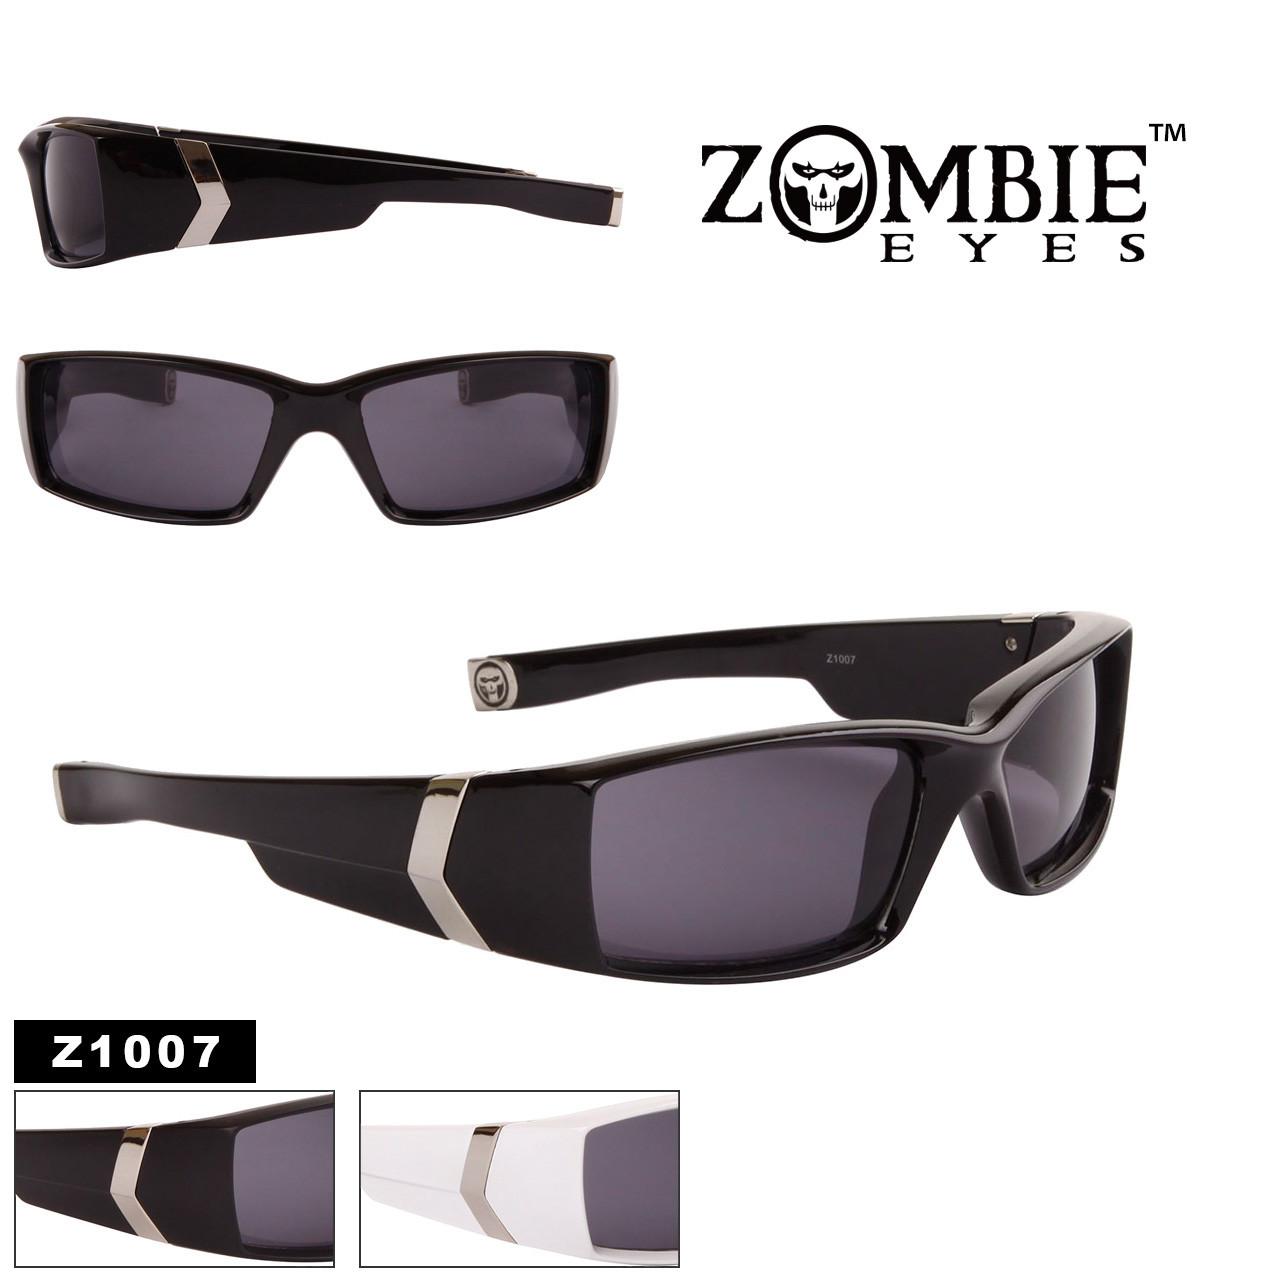 Men's Designer Zombie Eyes™ Sunglasses - Style #Z1007 (Assorted Colors) (12 pcs.)